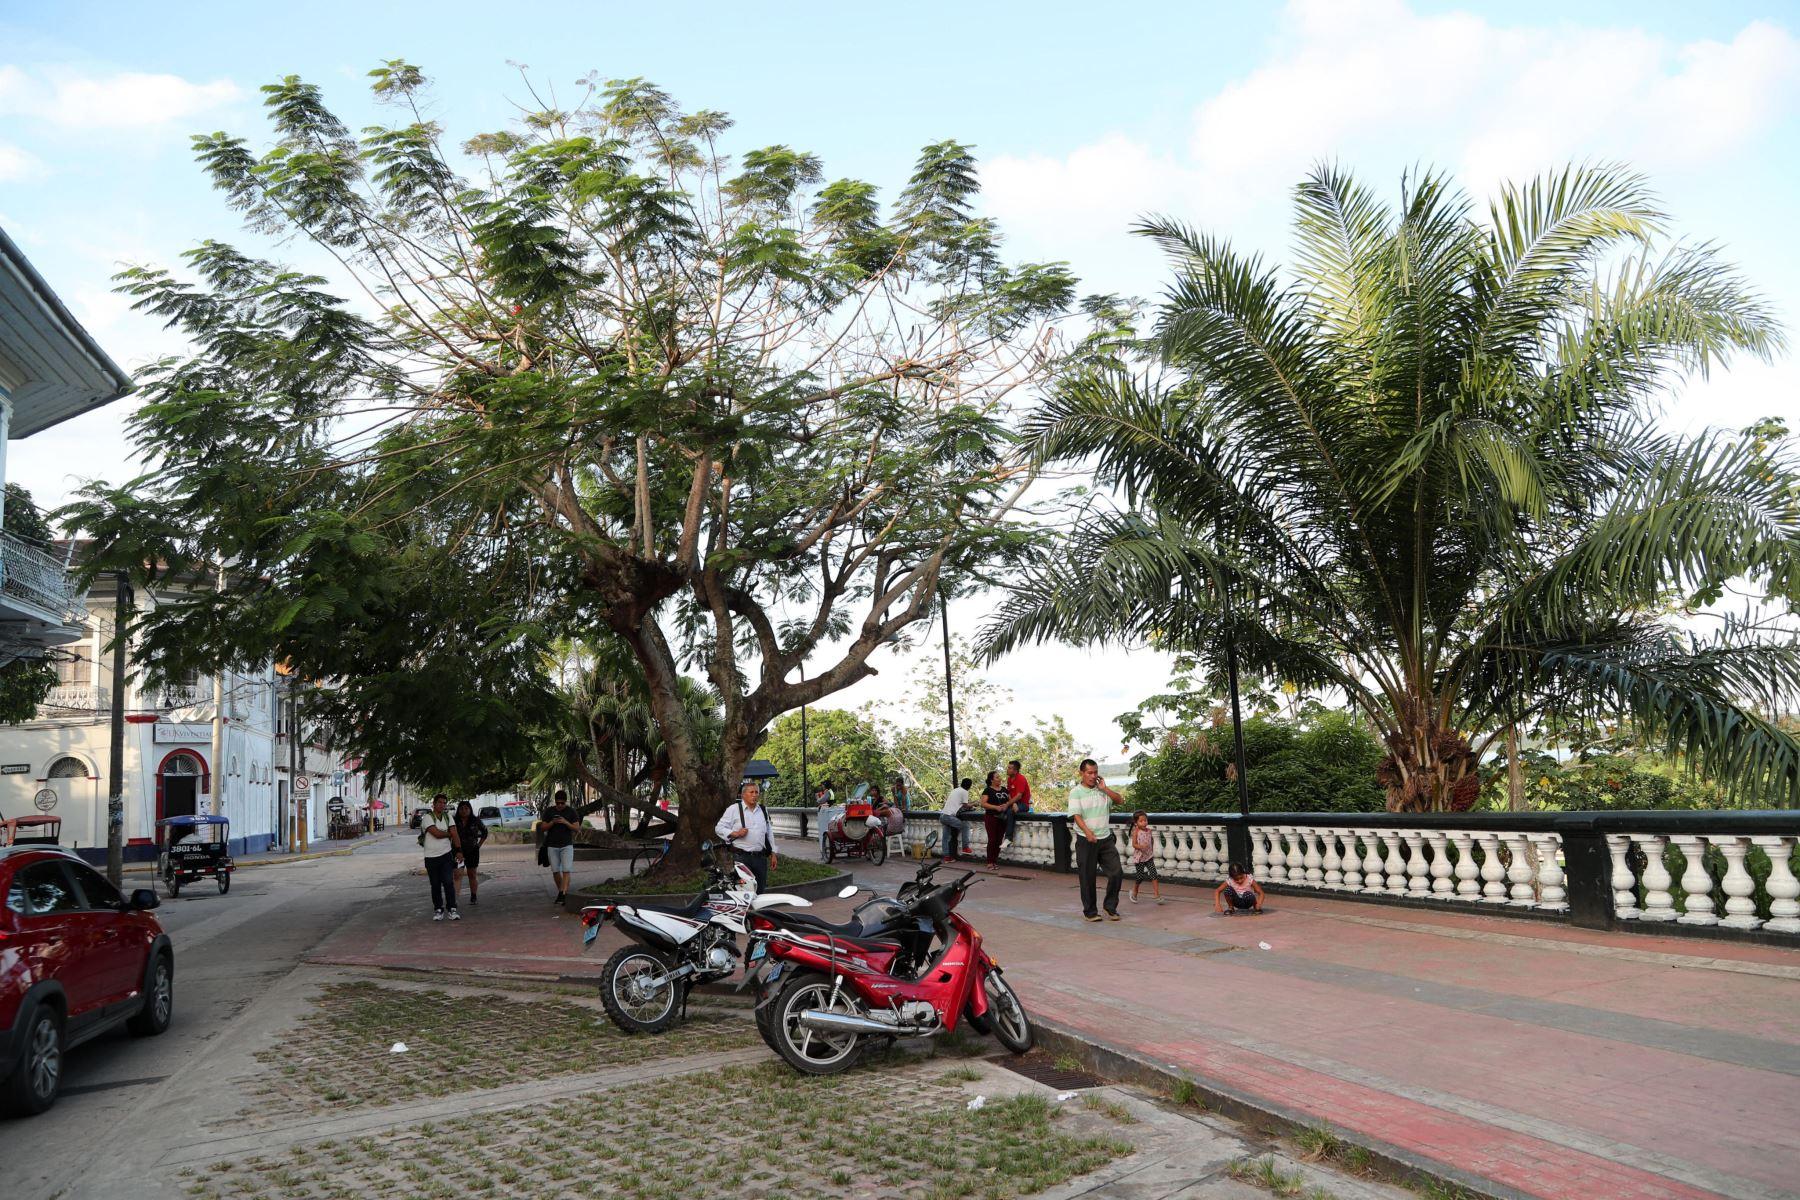 Iquitos apuesta por el turismo para alcanzar el desarrollo. EFE